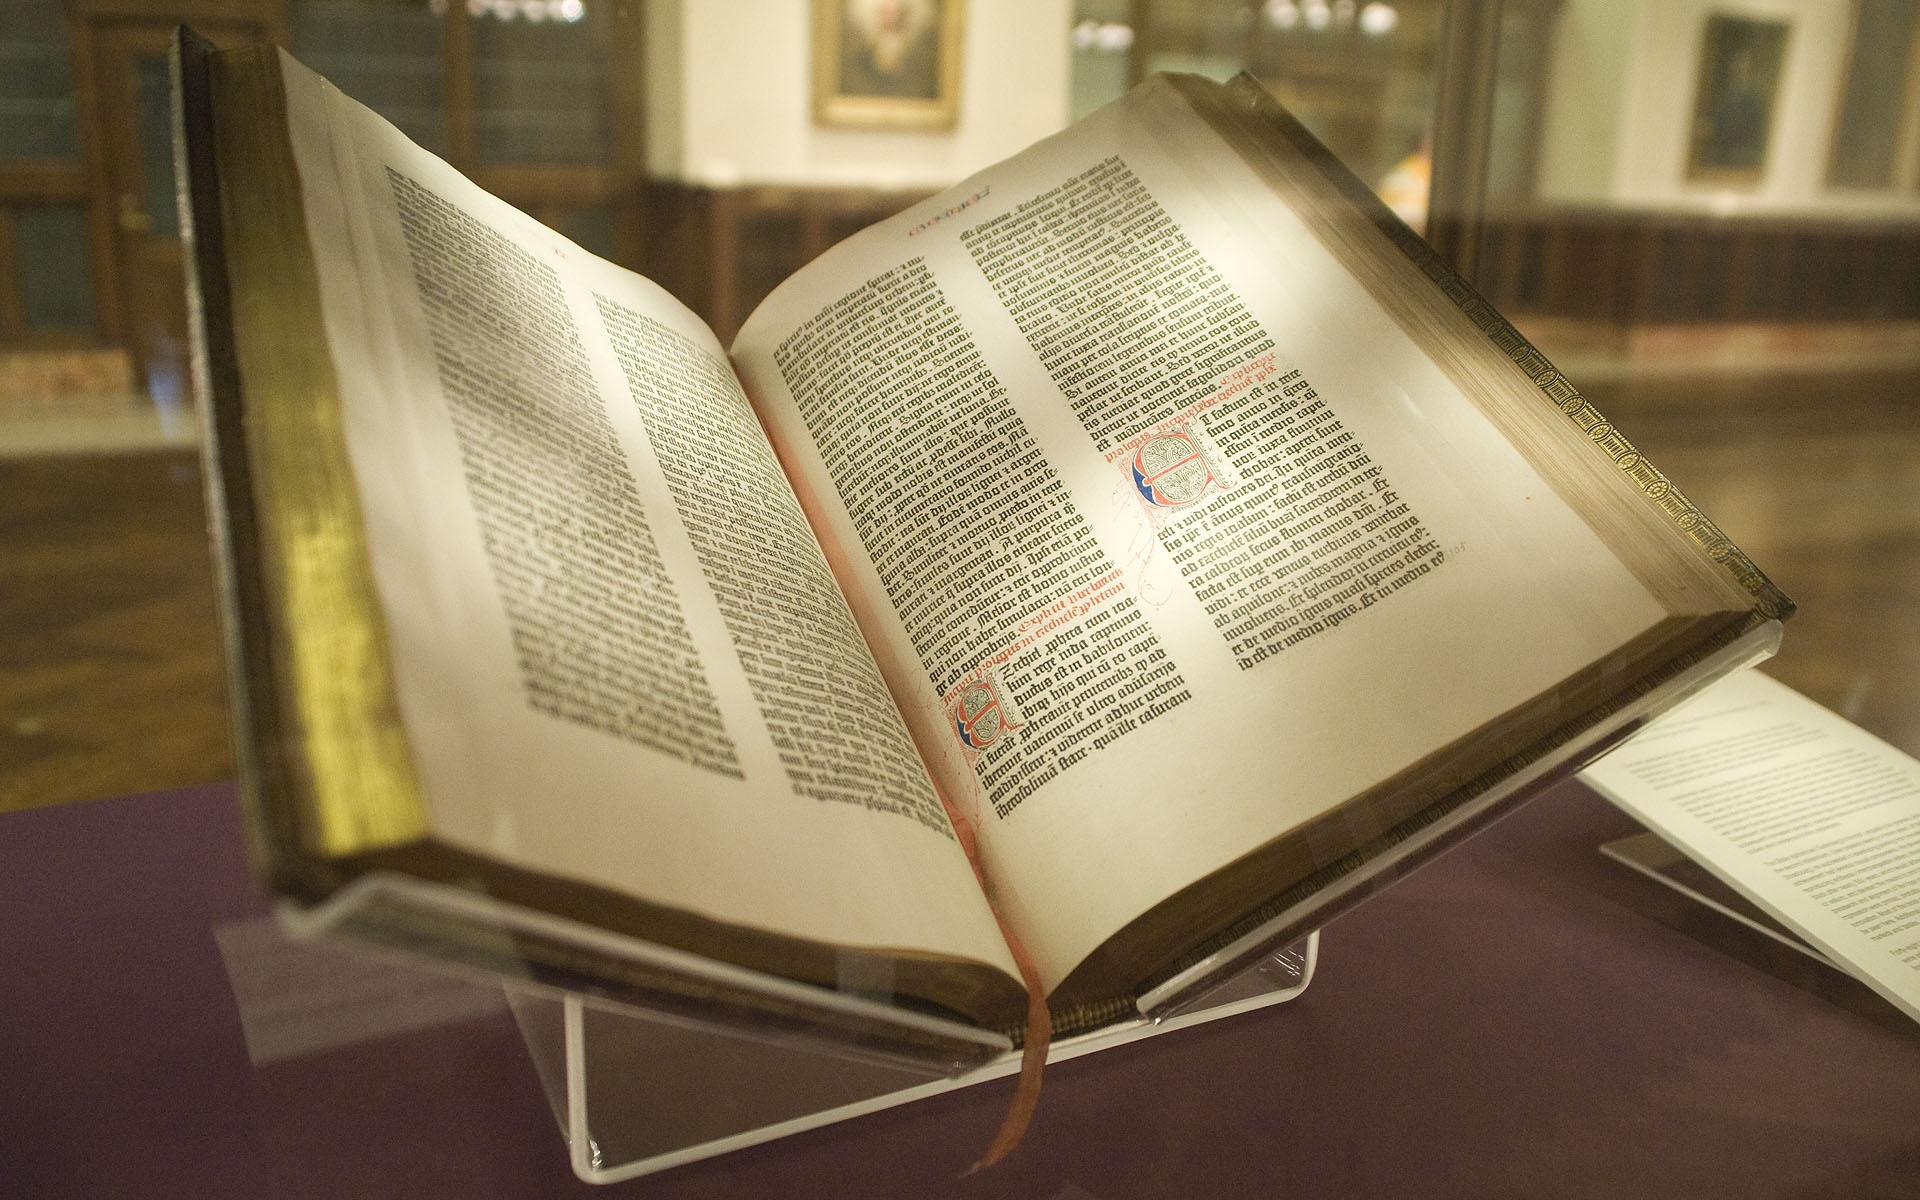 Gutenbergin raamattu avattuna New York Public Libraryssä - mitkä ovat maailman parhaita kirjoja?